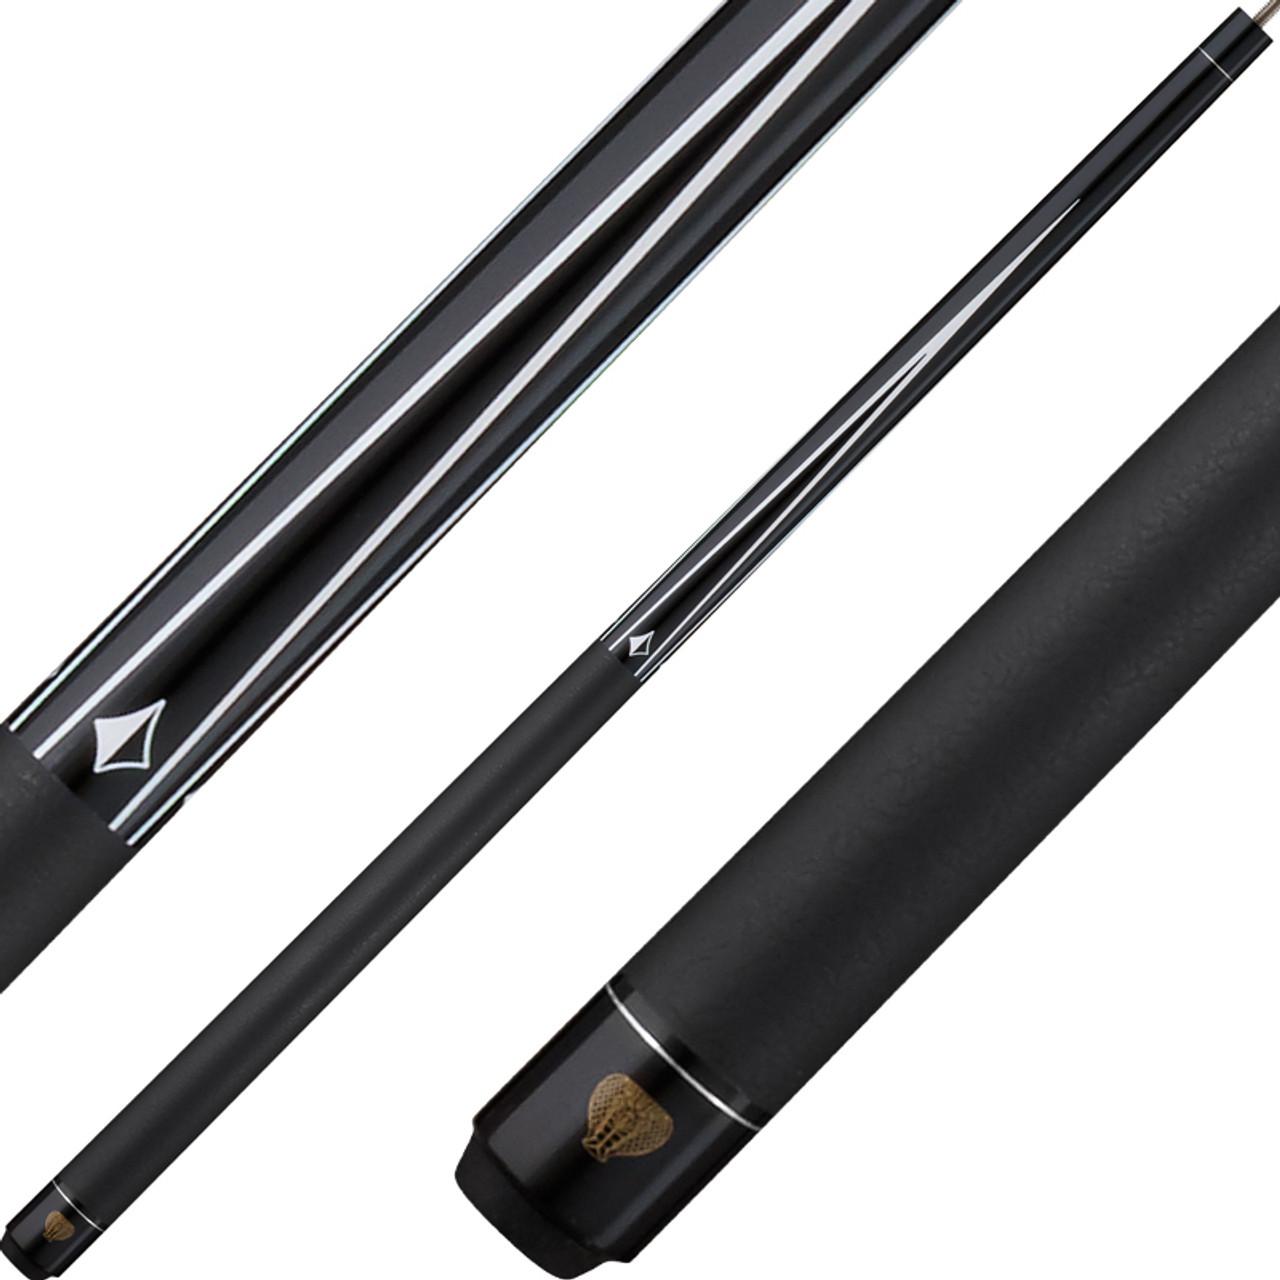 Viper Cue Diamond Black Finish Ozone Billiards